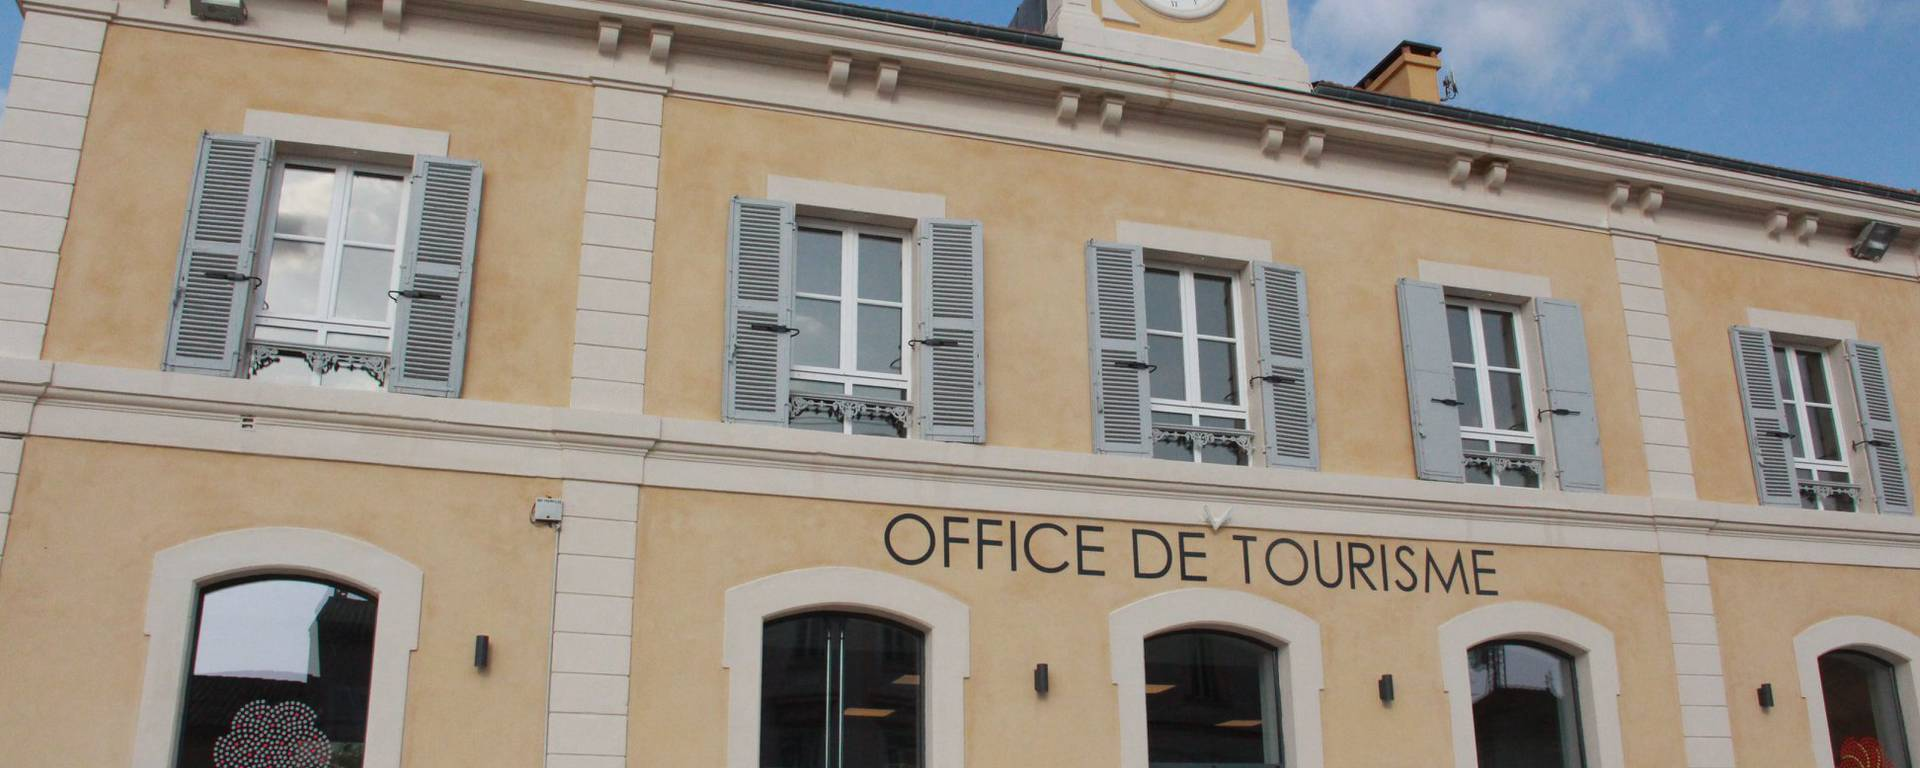 Office de tourisme Pays d'Apt Luberon vacances gare les ocres